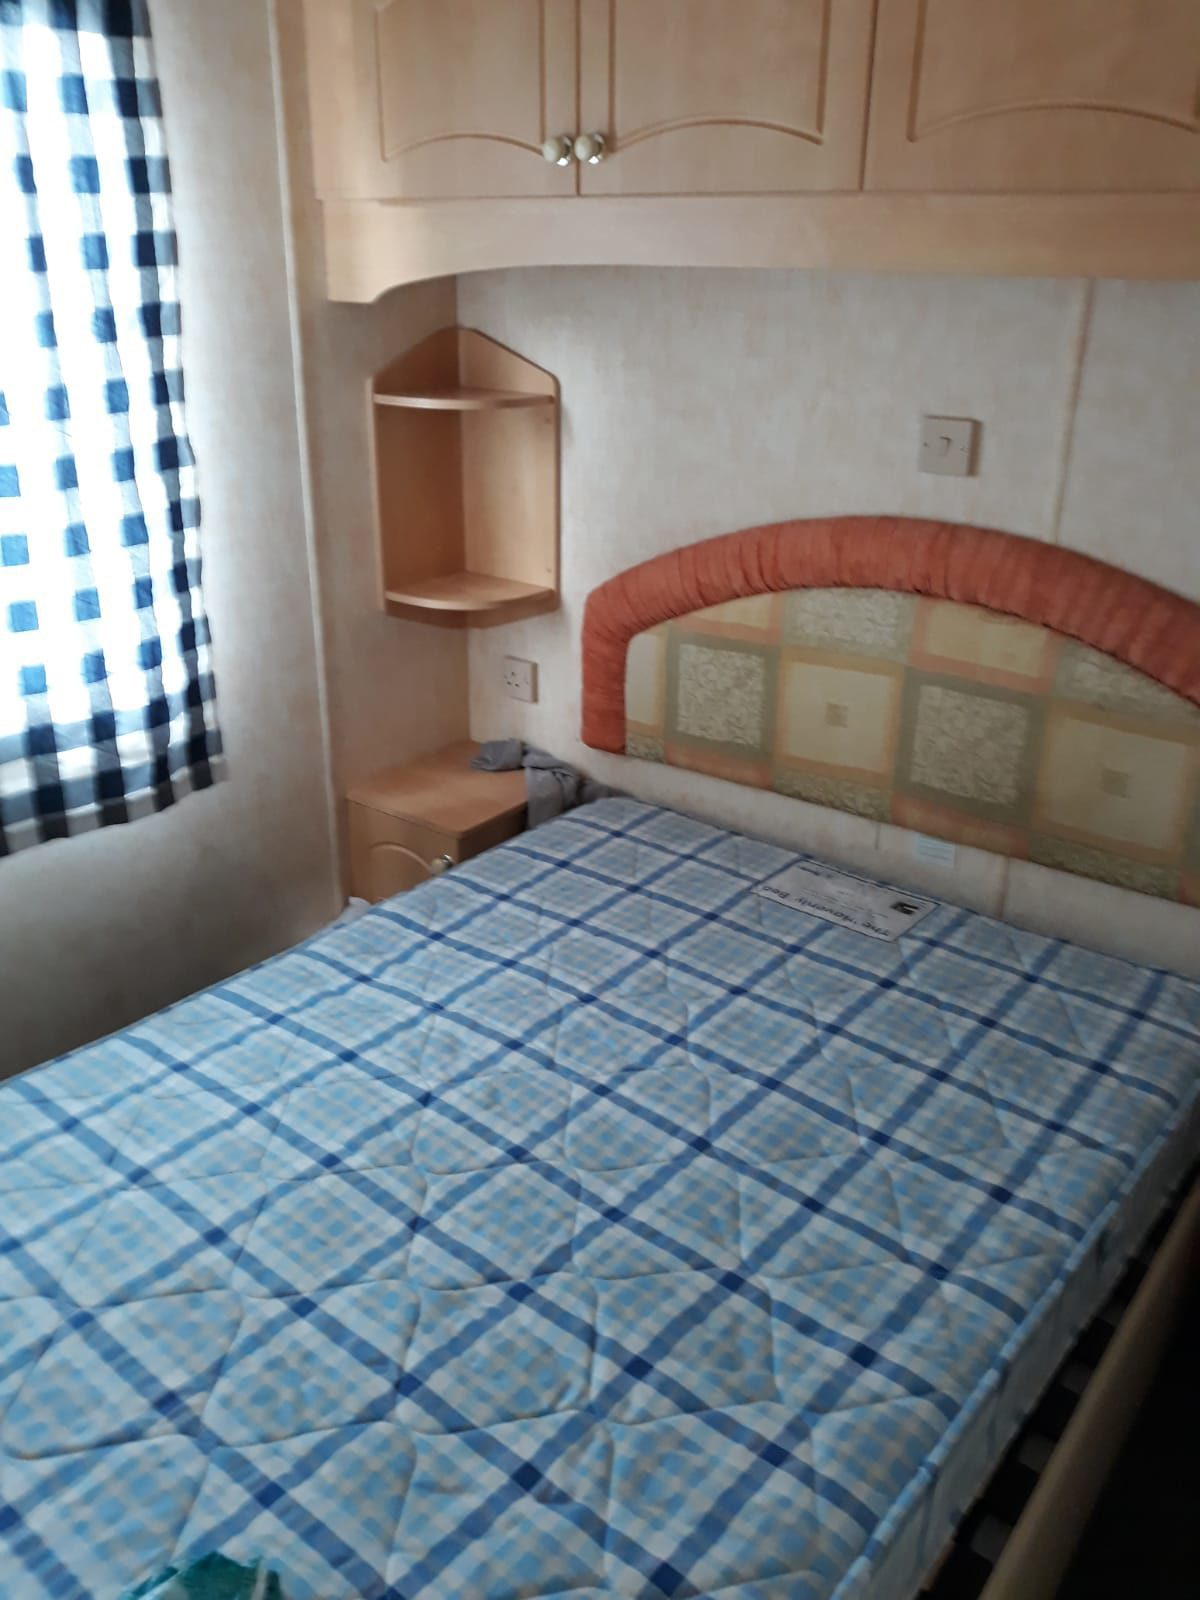 406 - Chaletpark Holiday Vraagprijs €24.000 (huurgrond)